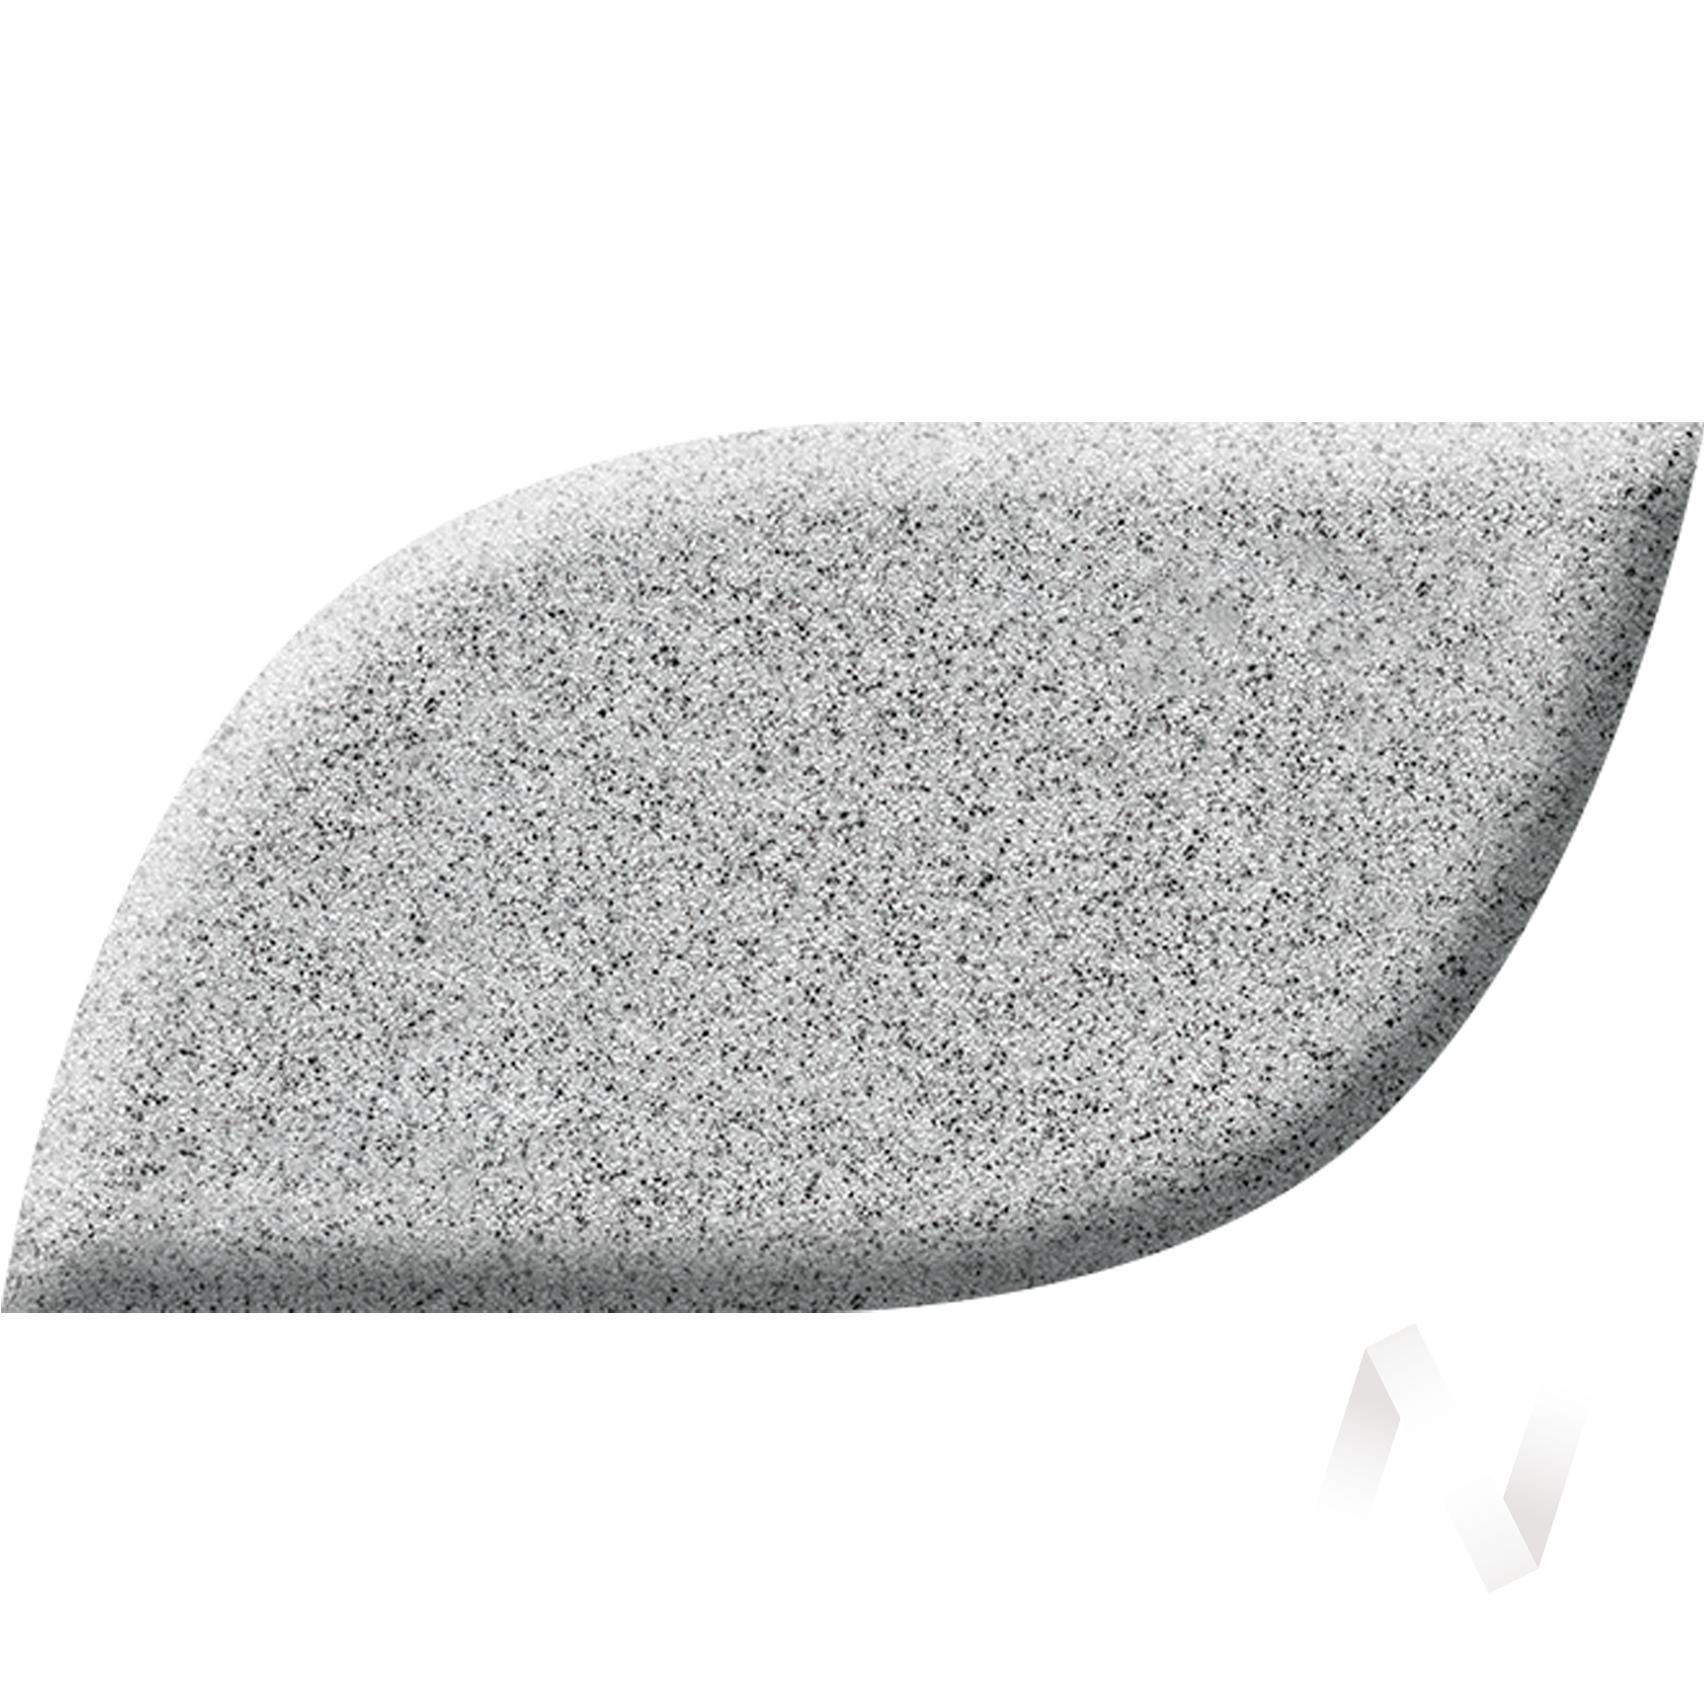 Мойка из искусственного камня Light 6 без фрезы и сифона (серый)  в Томске — интернет магазин МИРА-мебель